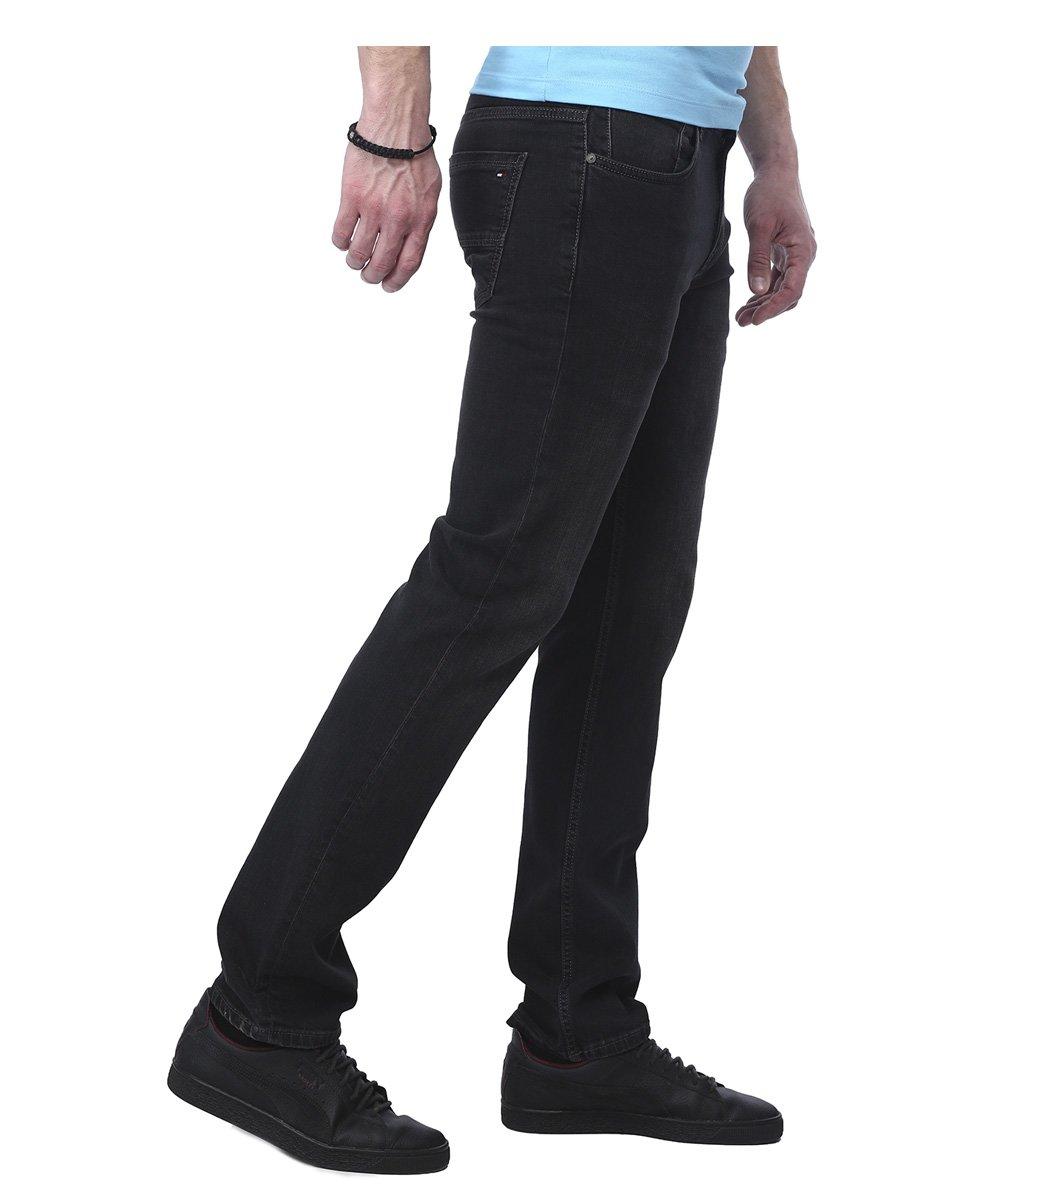 Черные джинсы Tommy Hilfiger 969